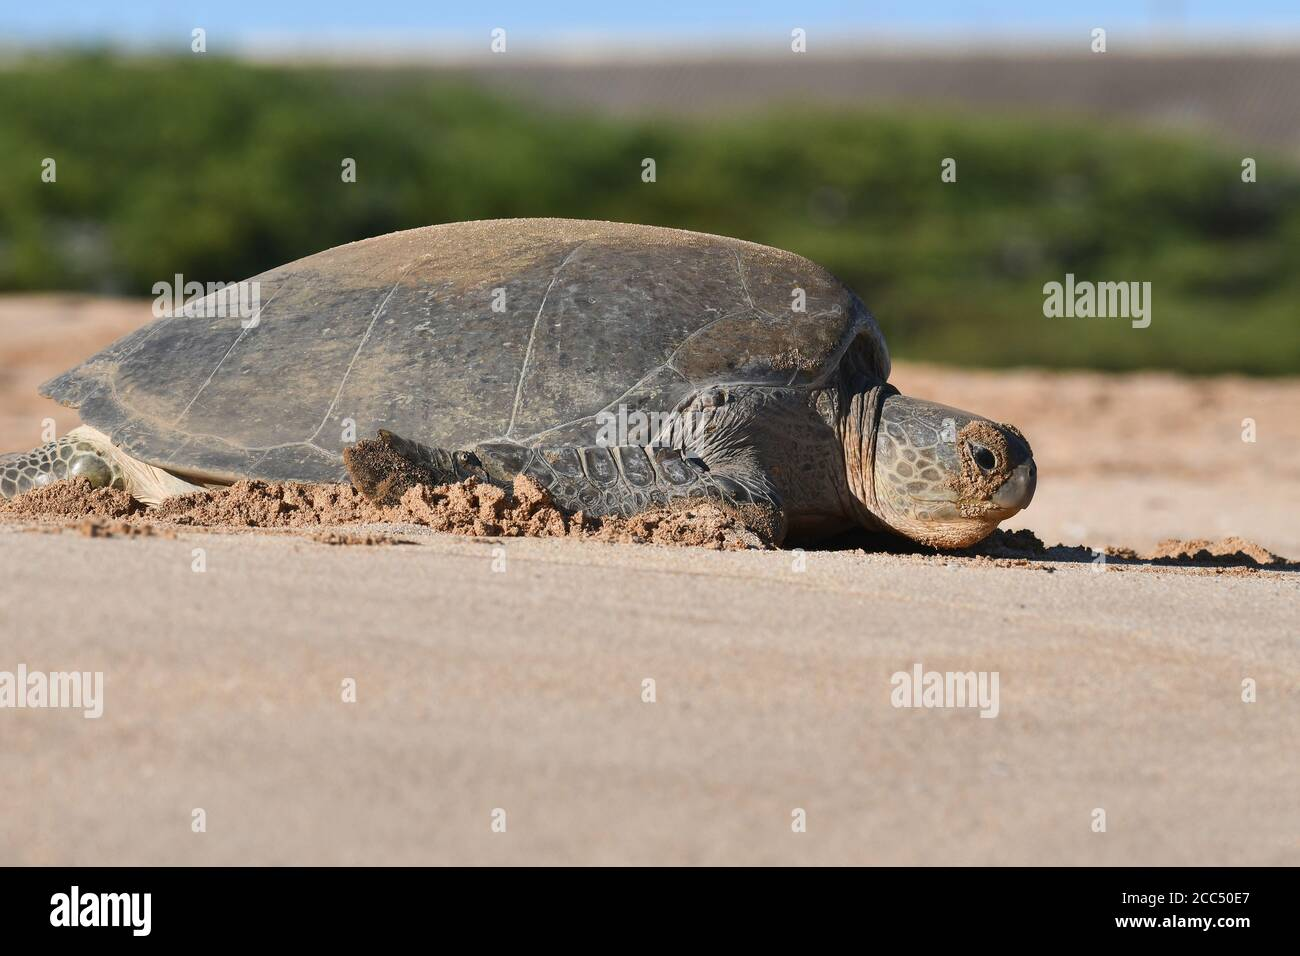 Tortuga verde, tortuga de roca, tortuga de carne (Chelonia mydas), hembra en la playa, isla de Ascensión Foto de stock